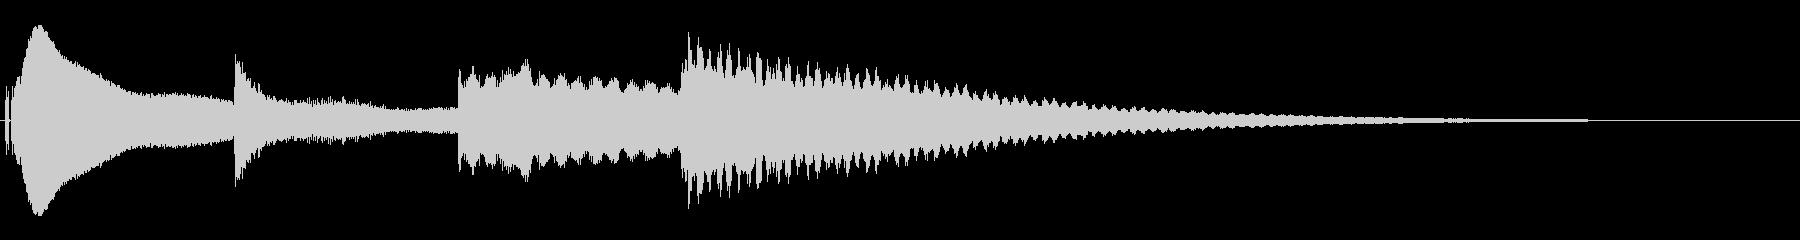 カーン ホラー系の演出音の未再生の波形